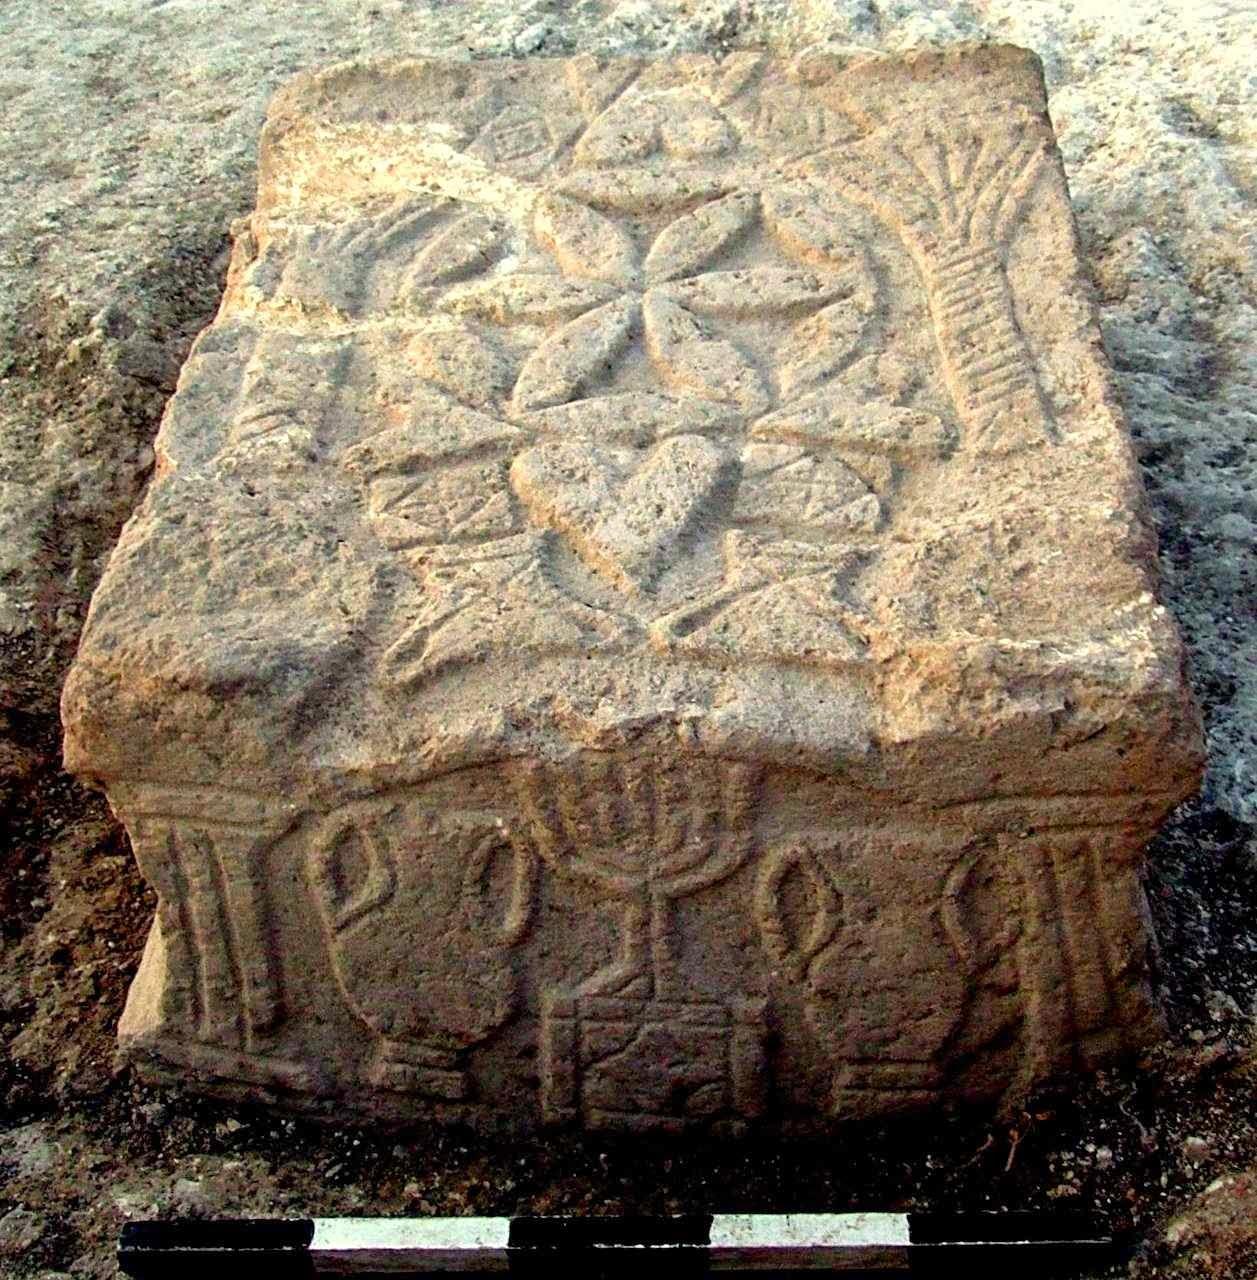 Mesa de pedra usada como atril para ler a Torá, o livro sagrado judaico, representa o Templo